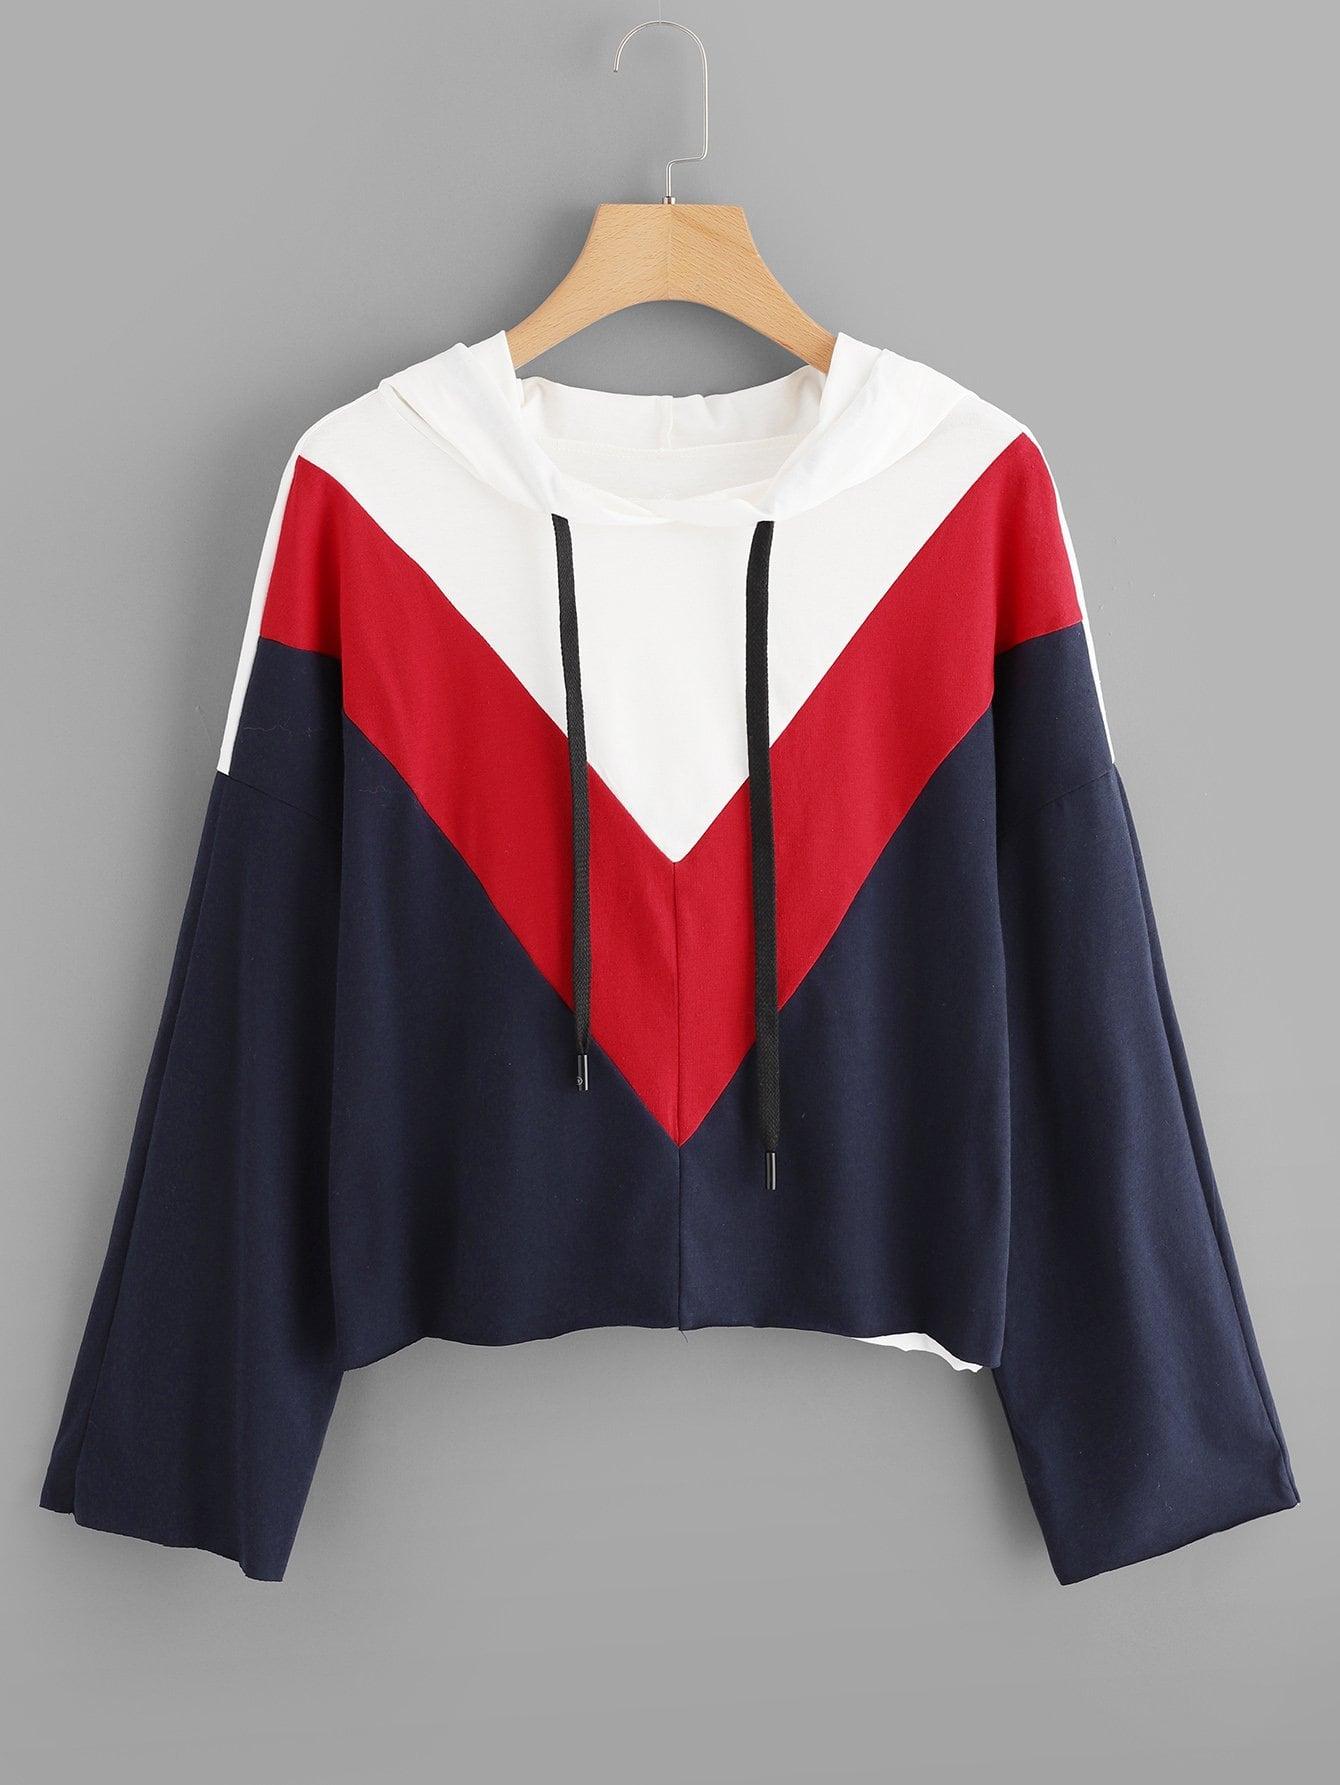 Купить Цветная кусковая спортивная футболка с капюшоном, null, SheIn